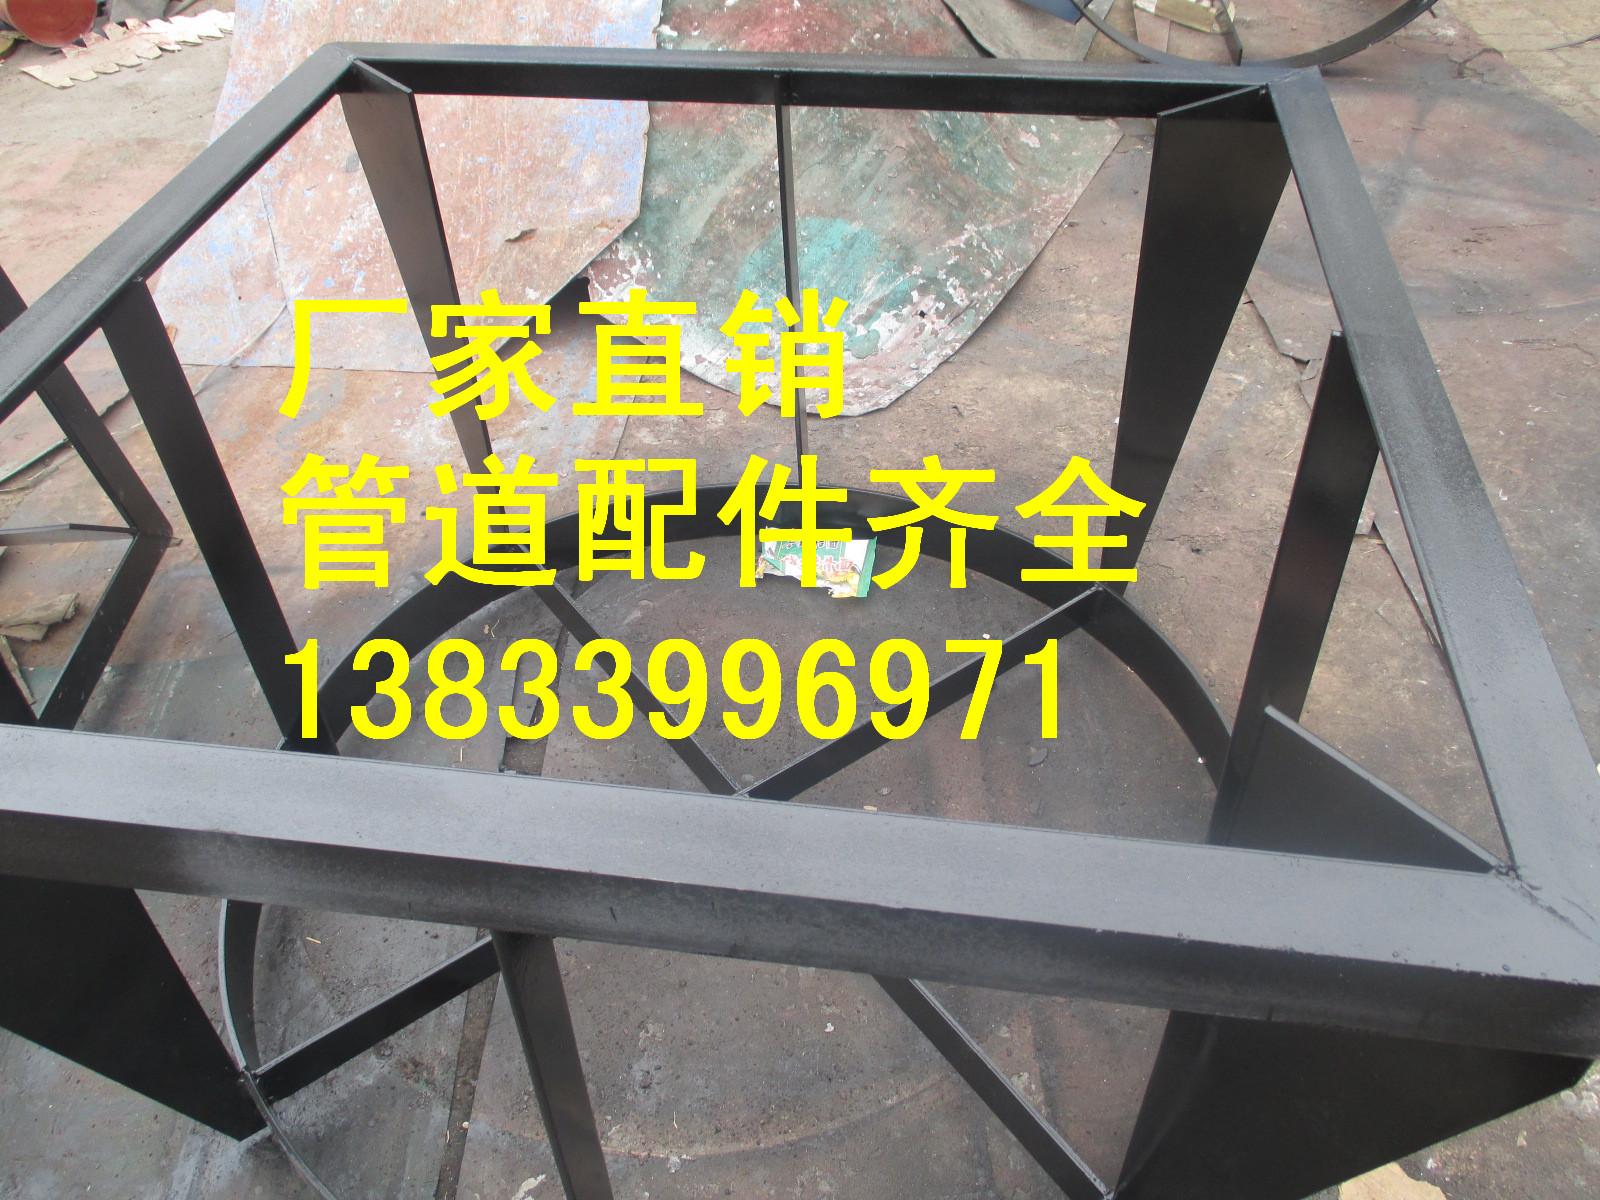 供应用于蓄水池的蓄水池吸水喇叭管支架ZD4 02S403吸水喇叭口1000价格 大口径喇叭口生产厂家